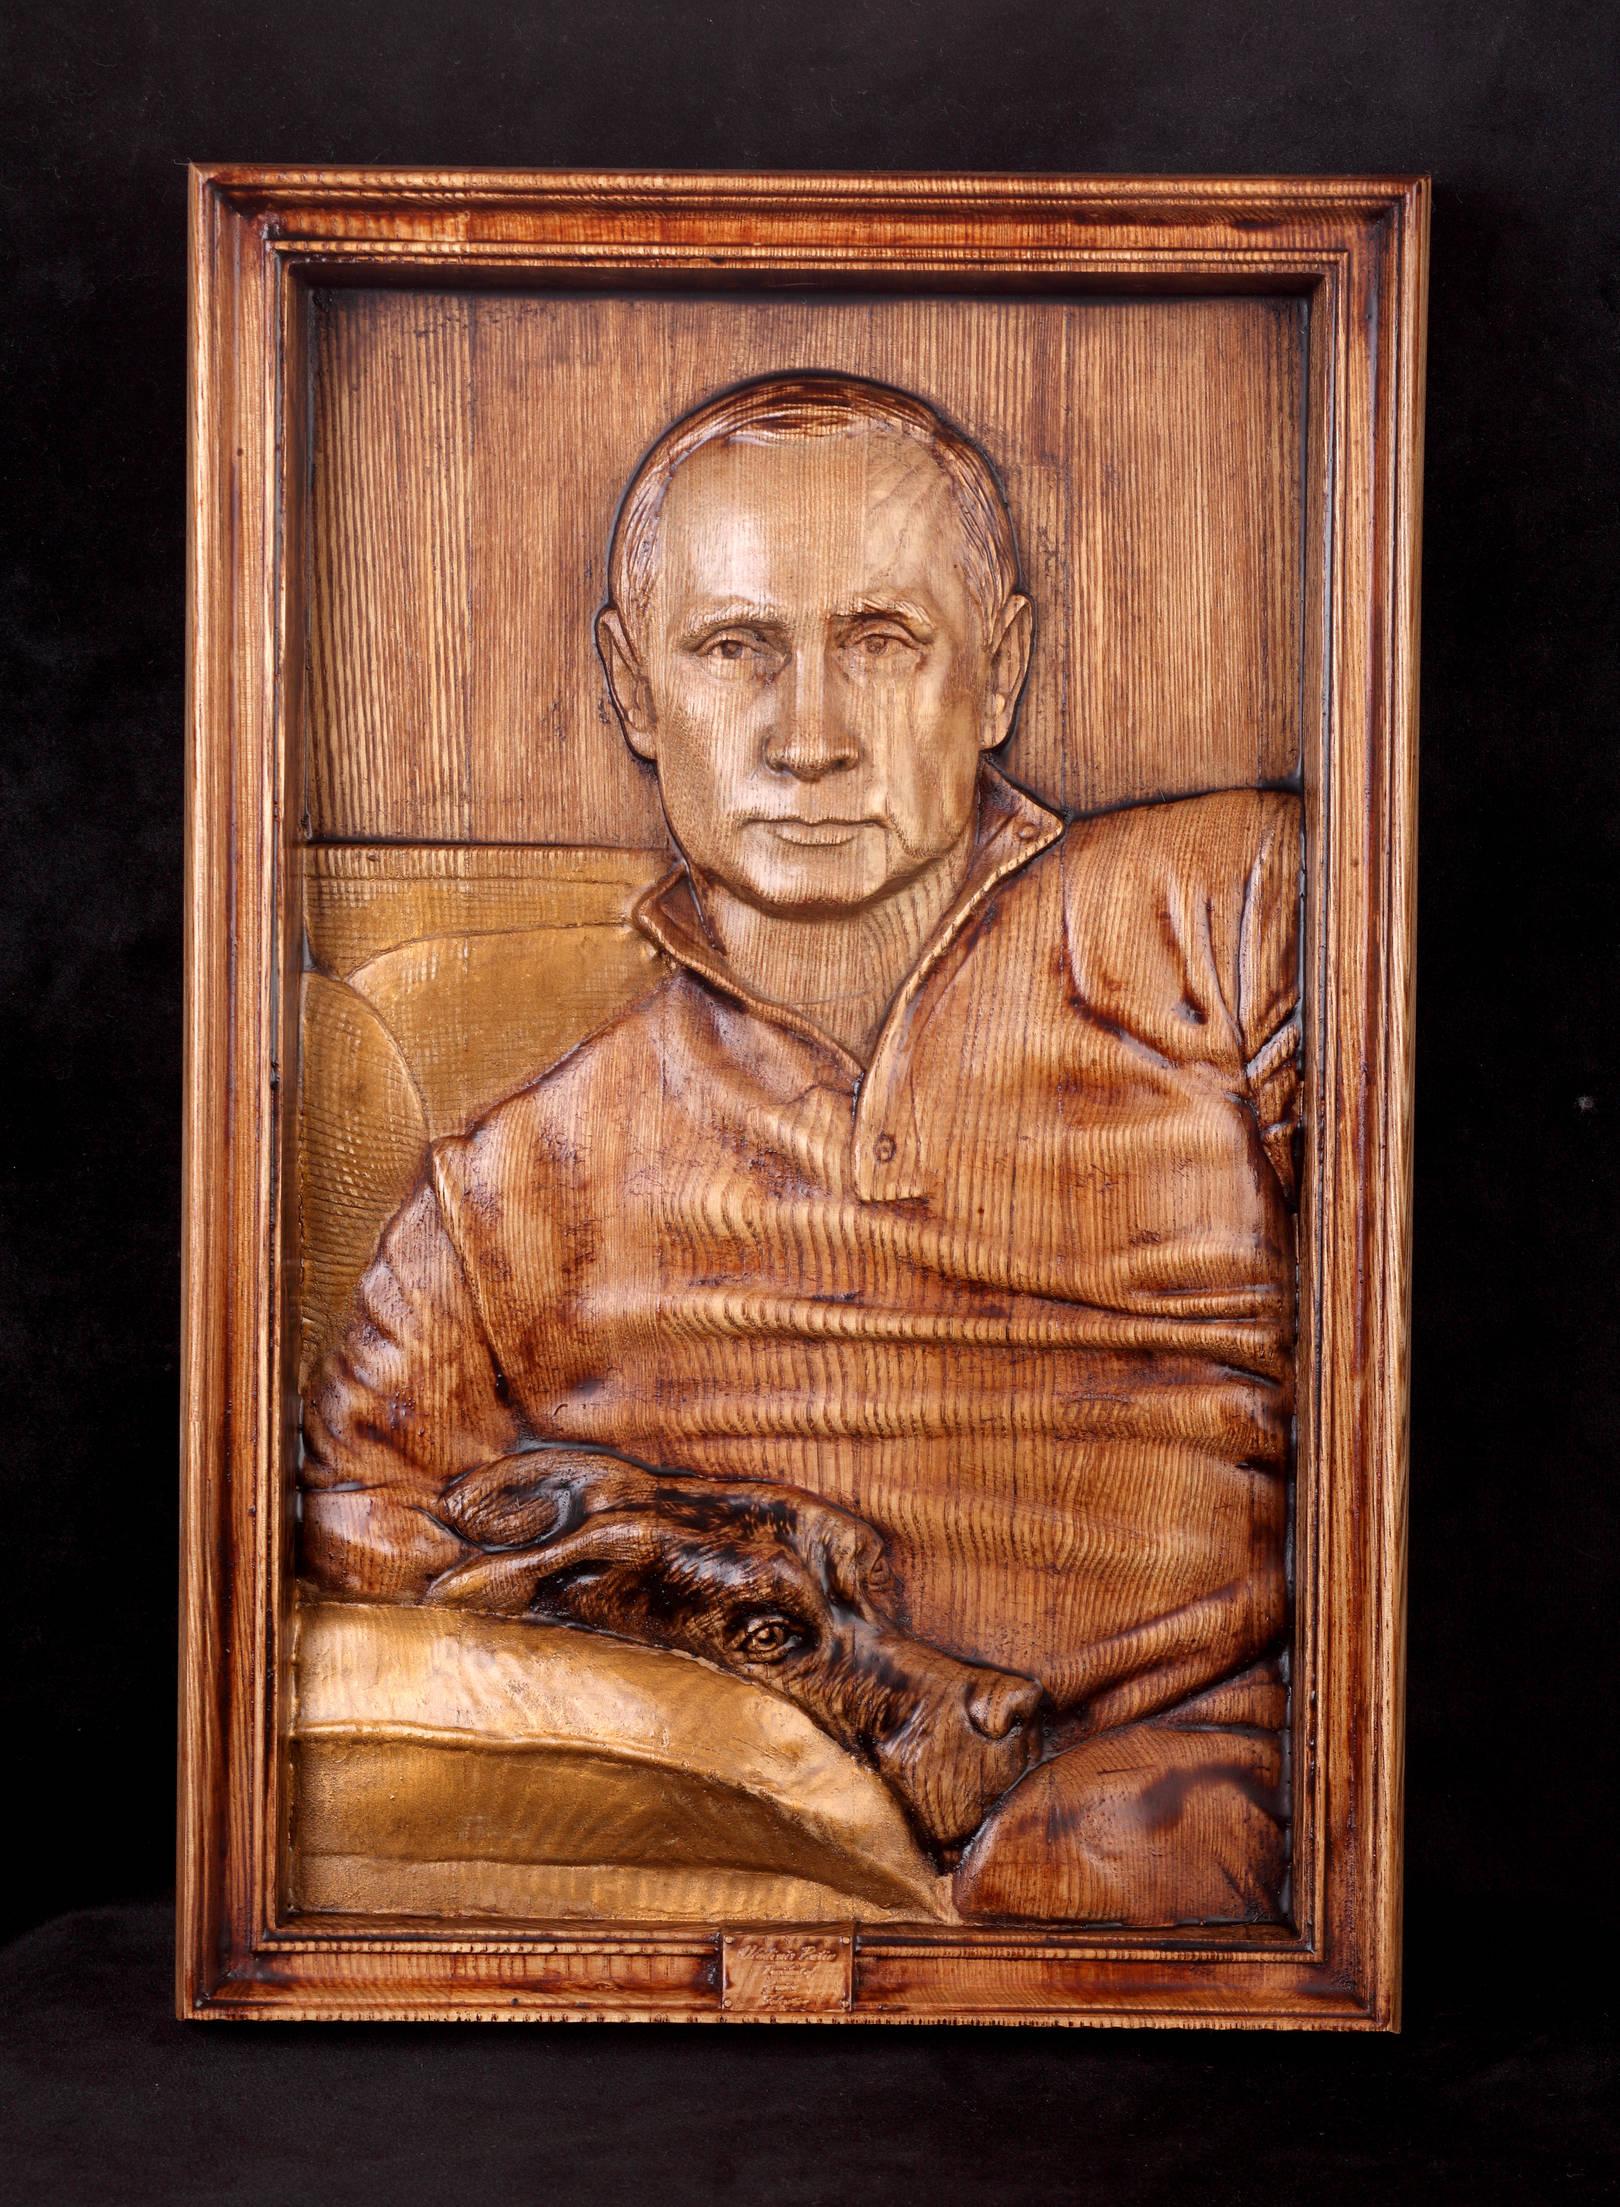 Барельеф. Президент Российской федерации.Путин Владимир Владимирович. Материал :дерево,ясень,воск